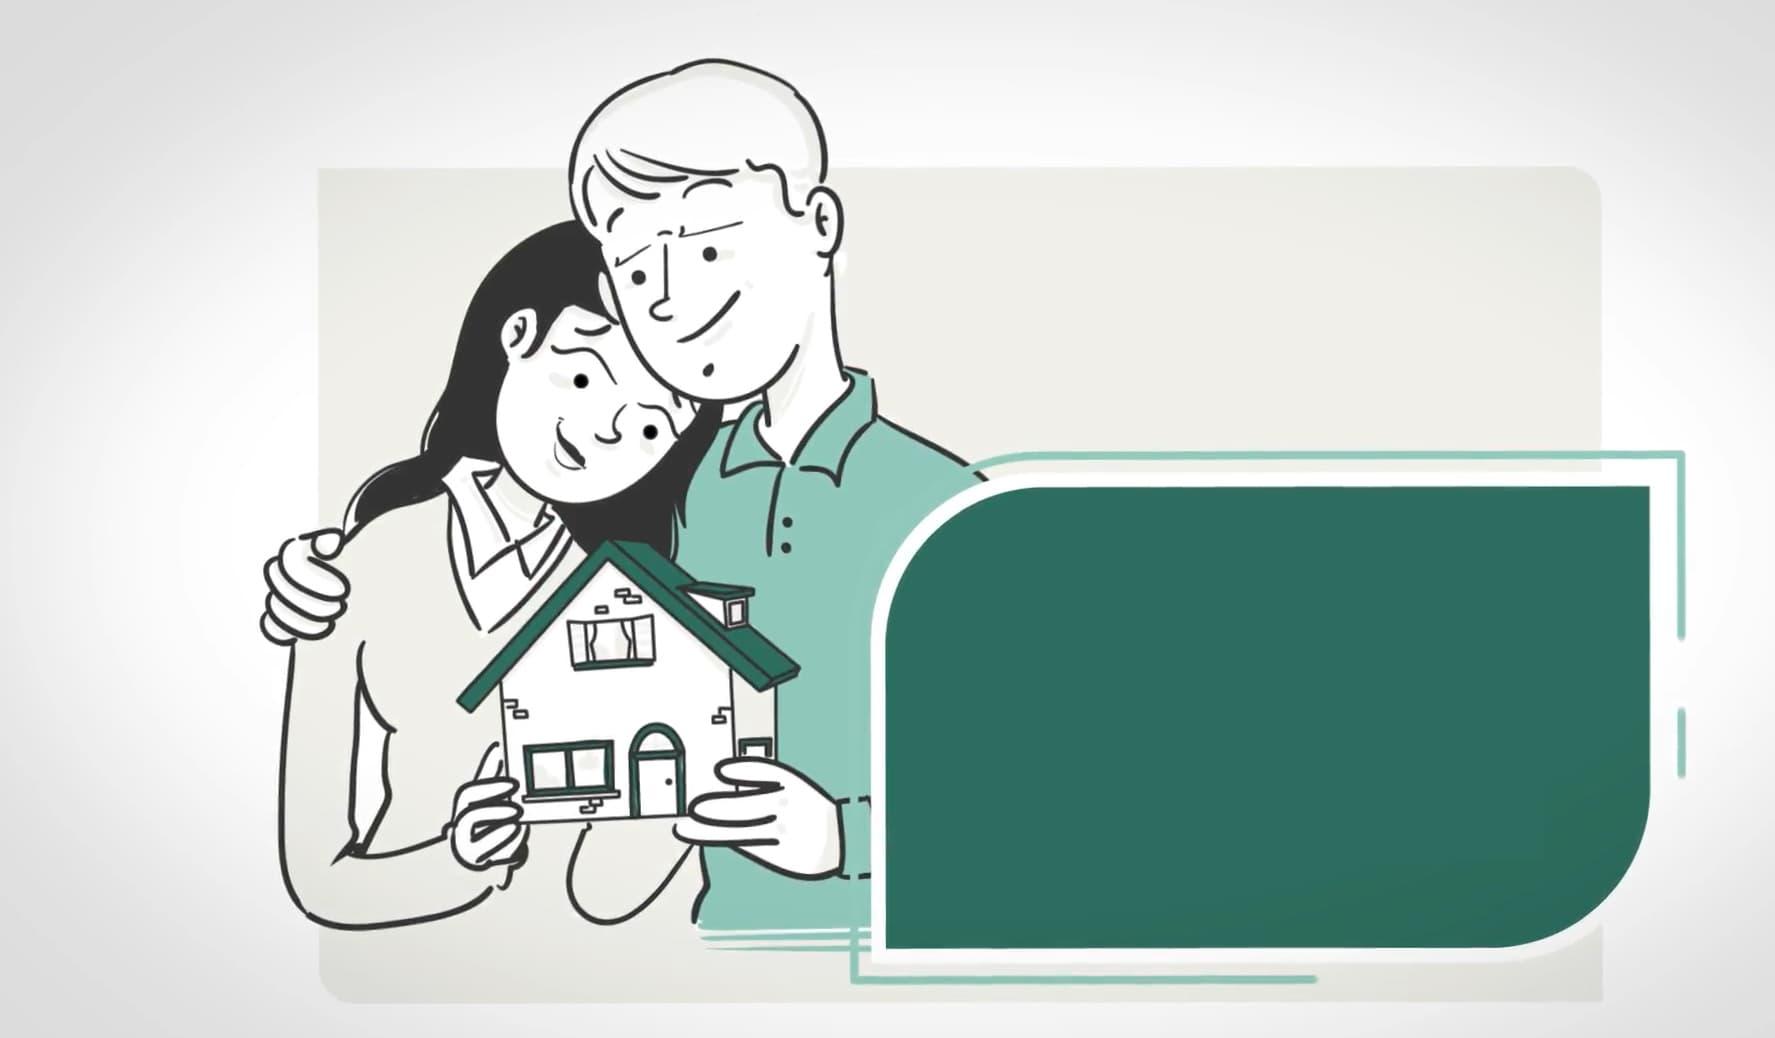 Préstamo hipotecario - Notaría Diagonal 550